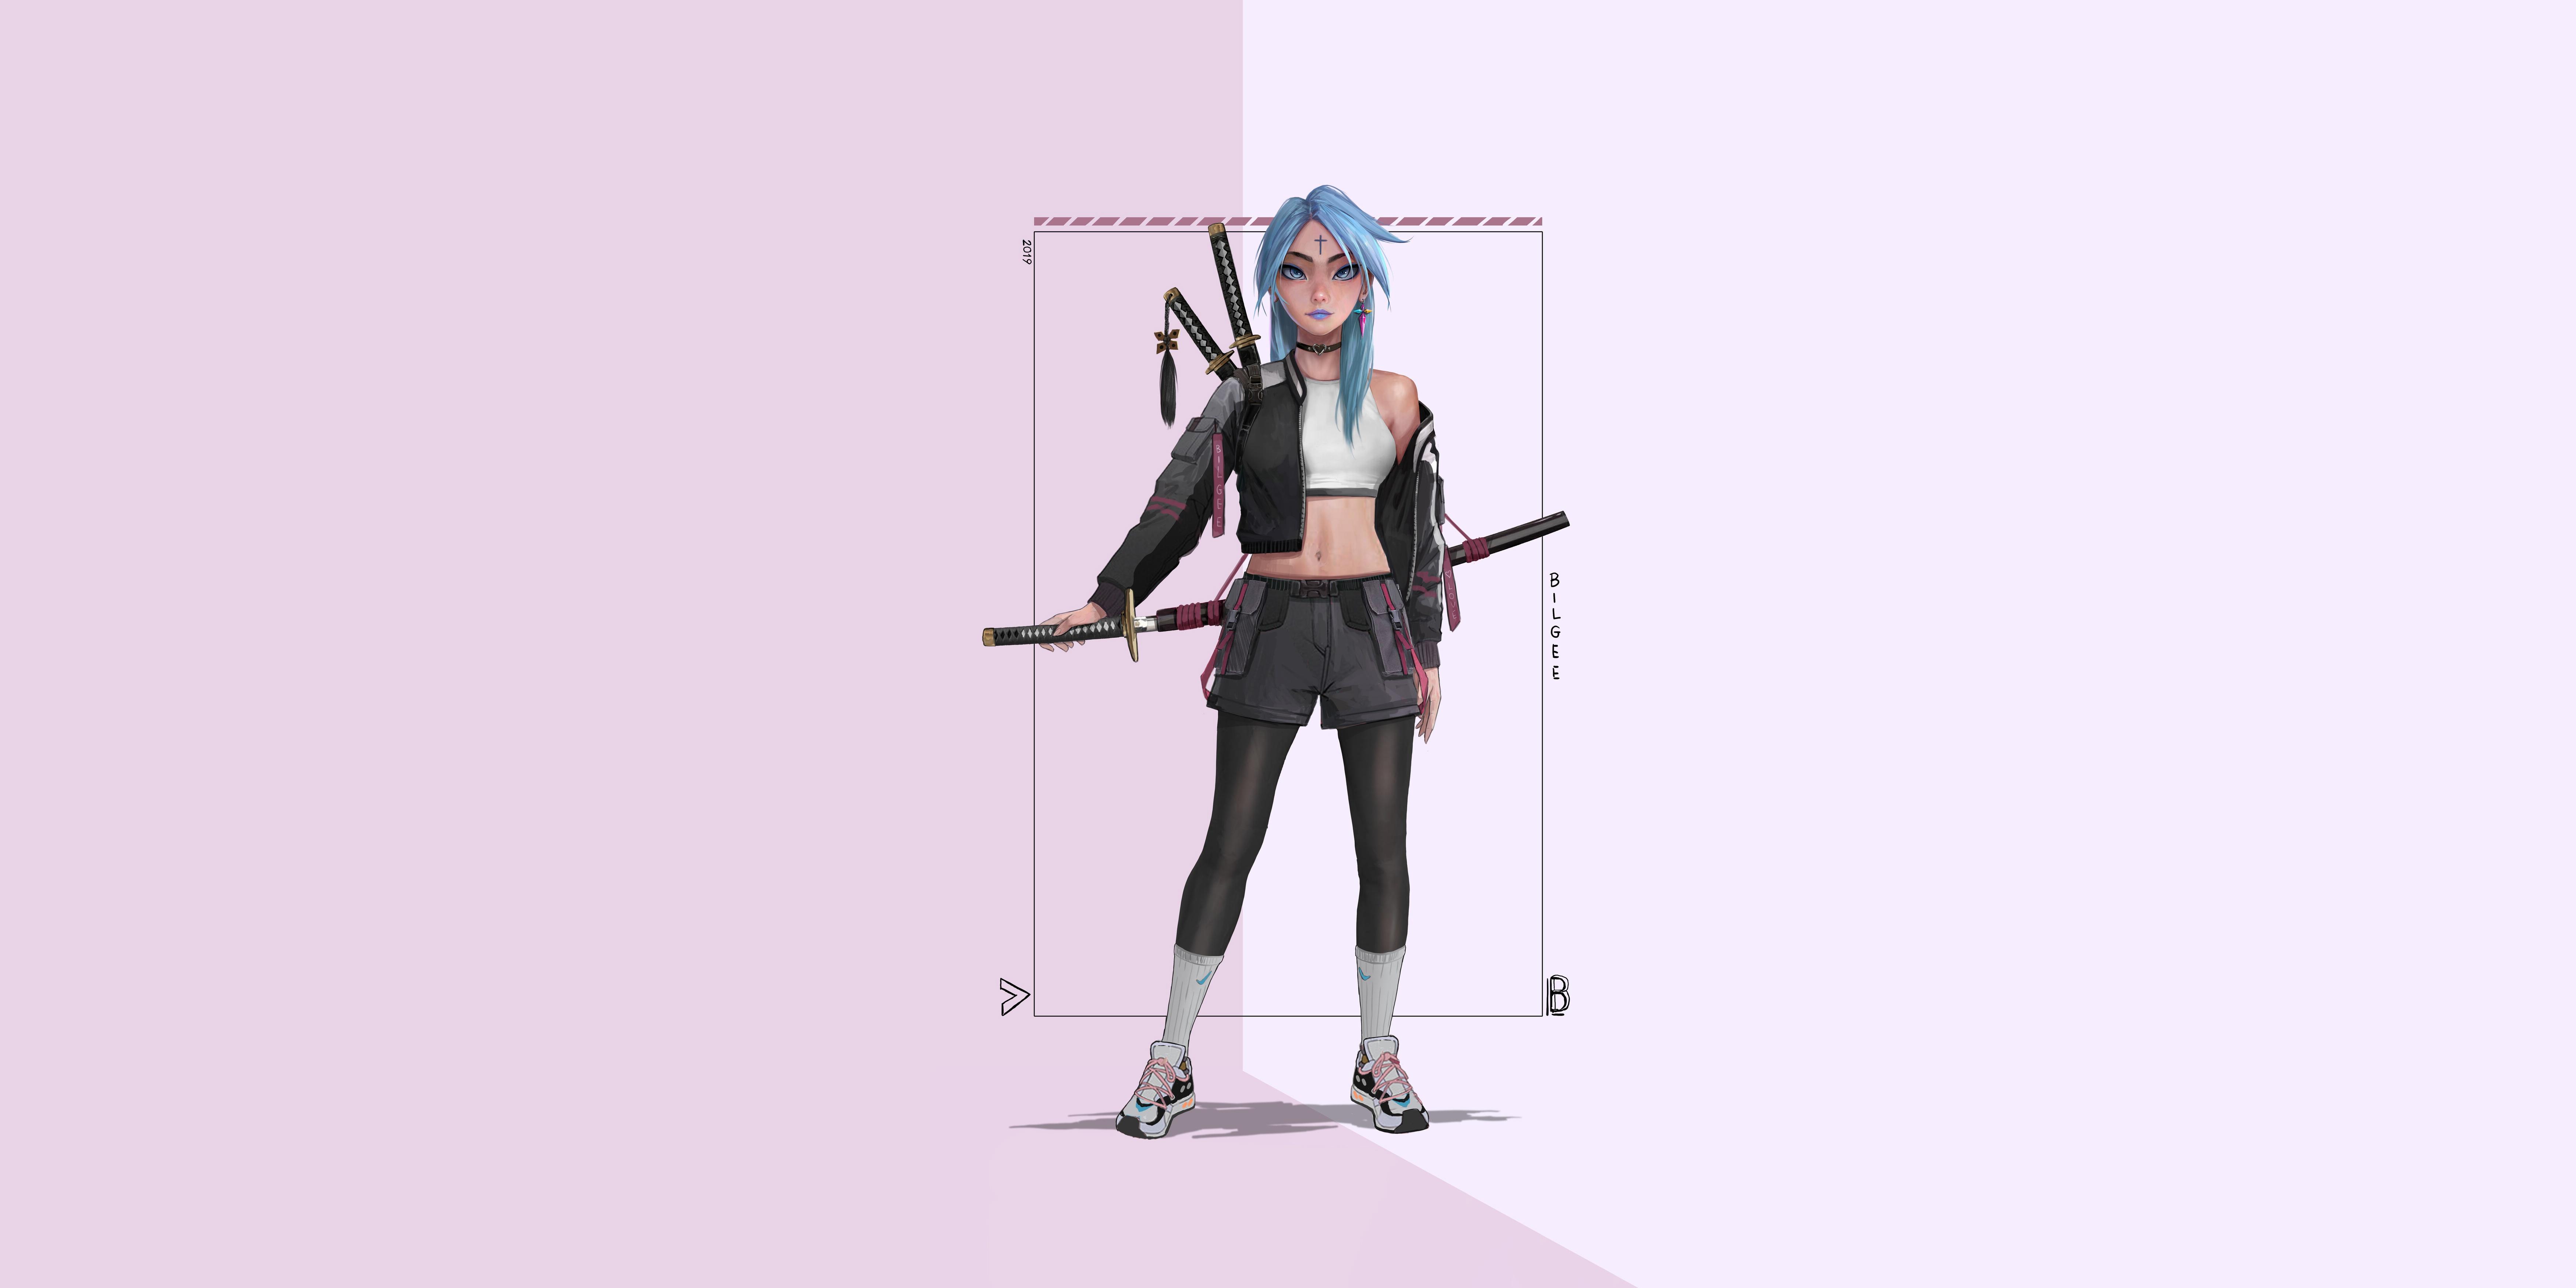 katan with sword 1578253809 - Katan With Sword -